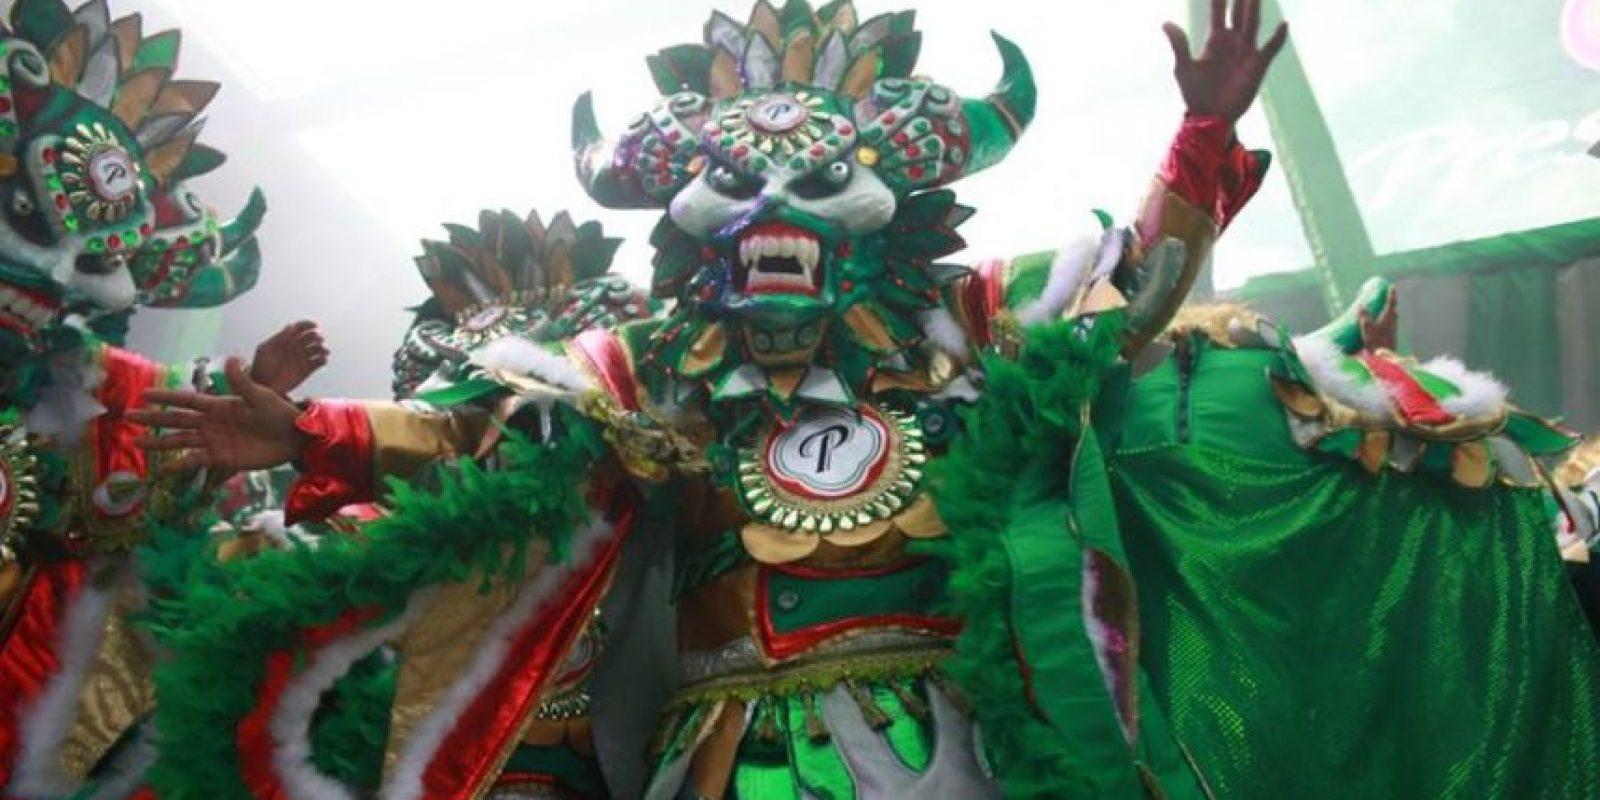 Un despliegue de color, sabor y la alegría del Carnaval dominicano. Foto:MetroRD